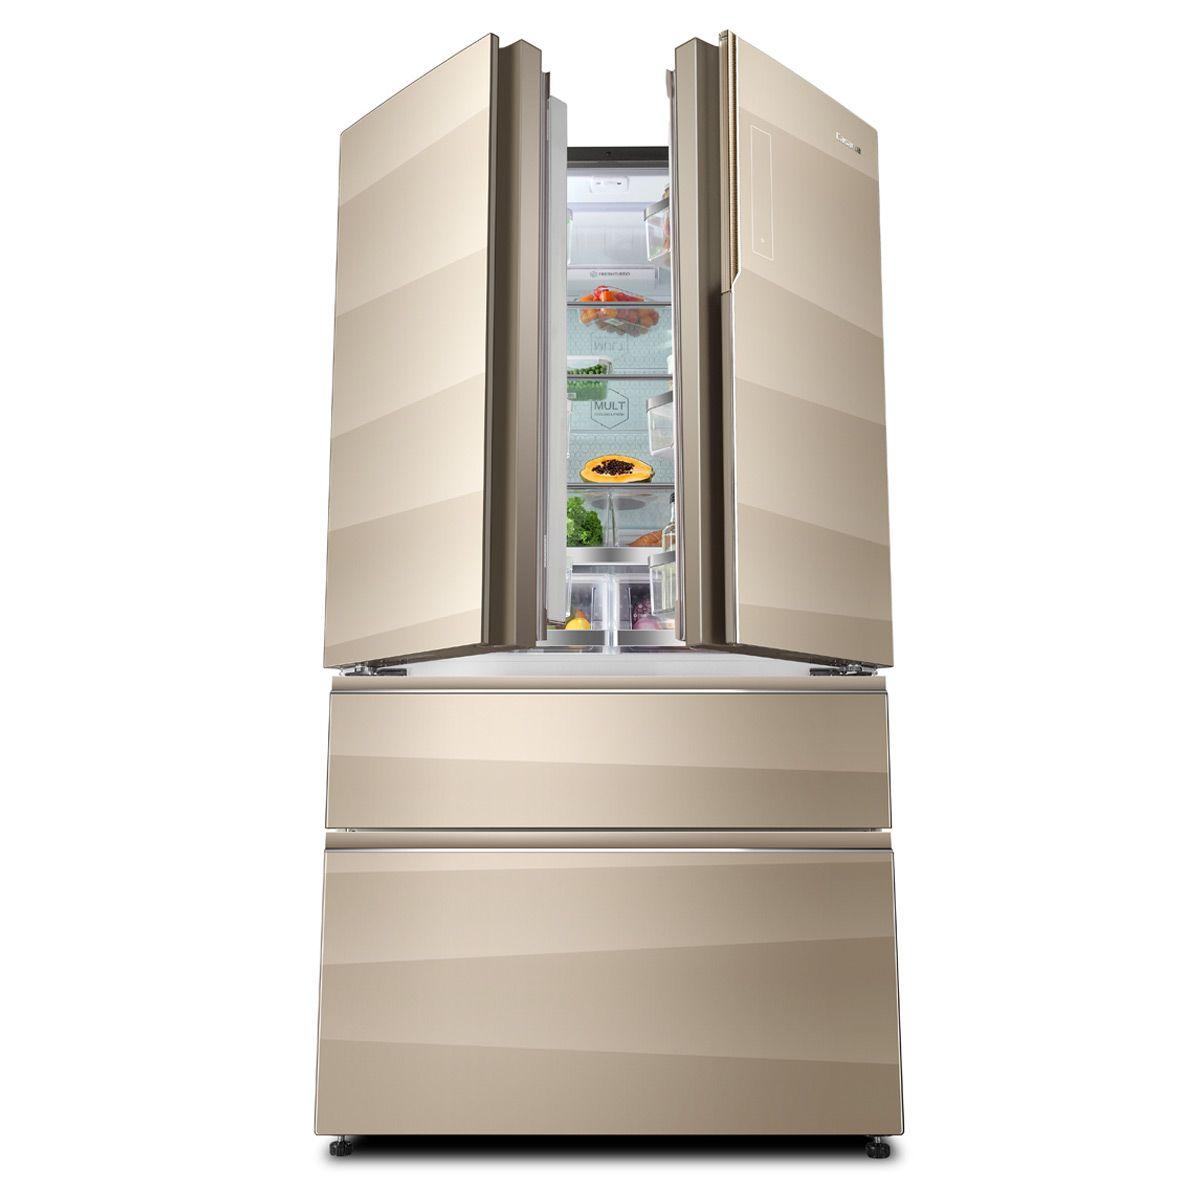 大东圣水苑快速上门维修冰箱制冷,冰箱不运行检测维修冲氟;